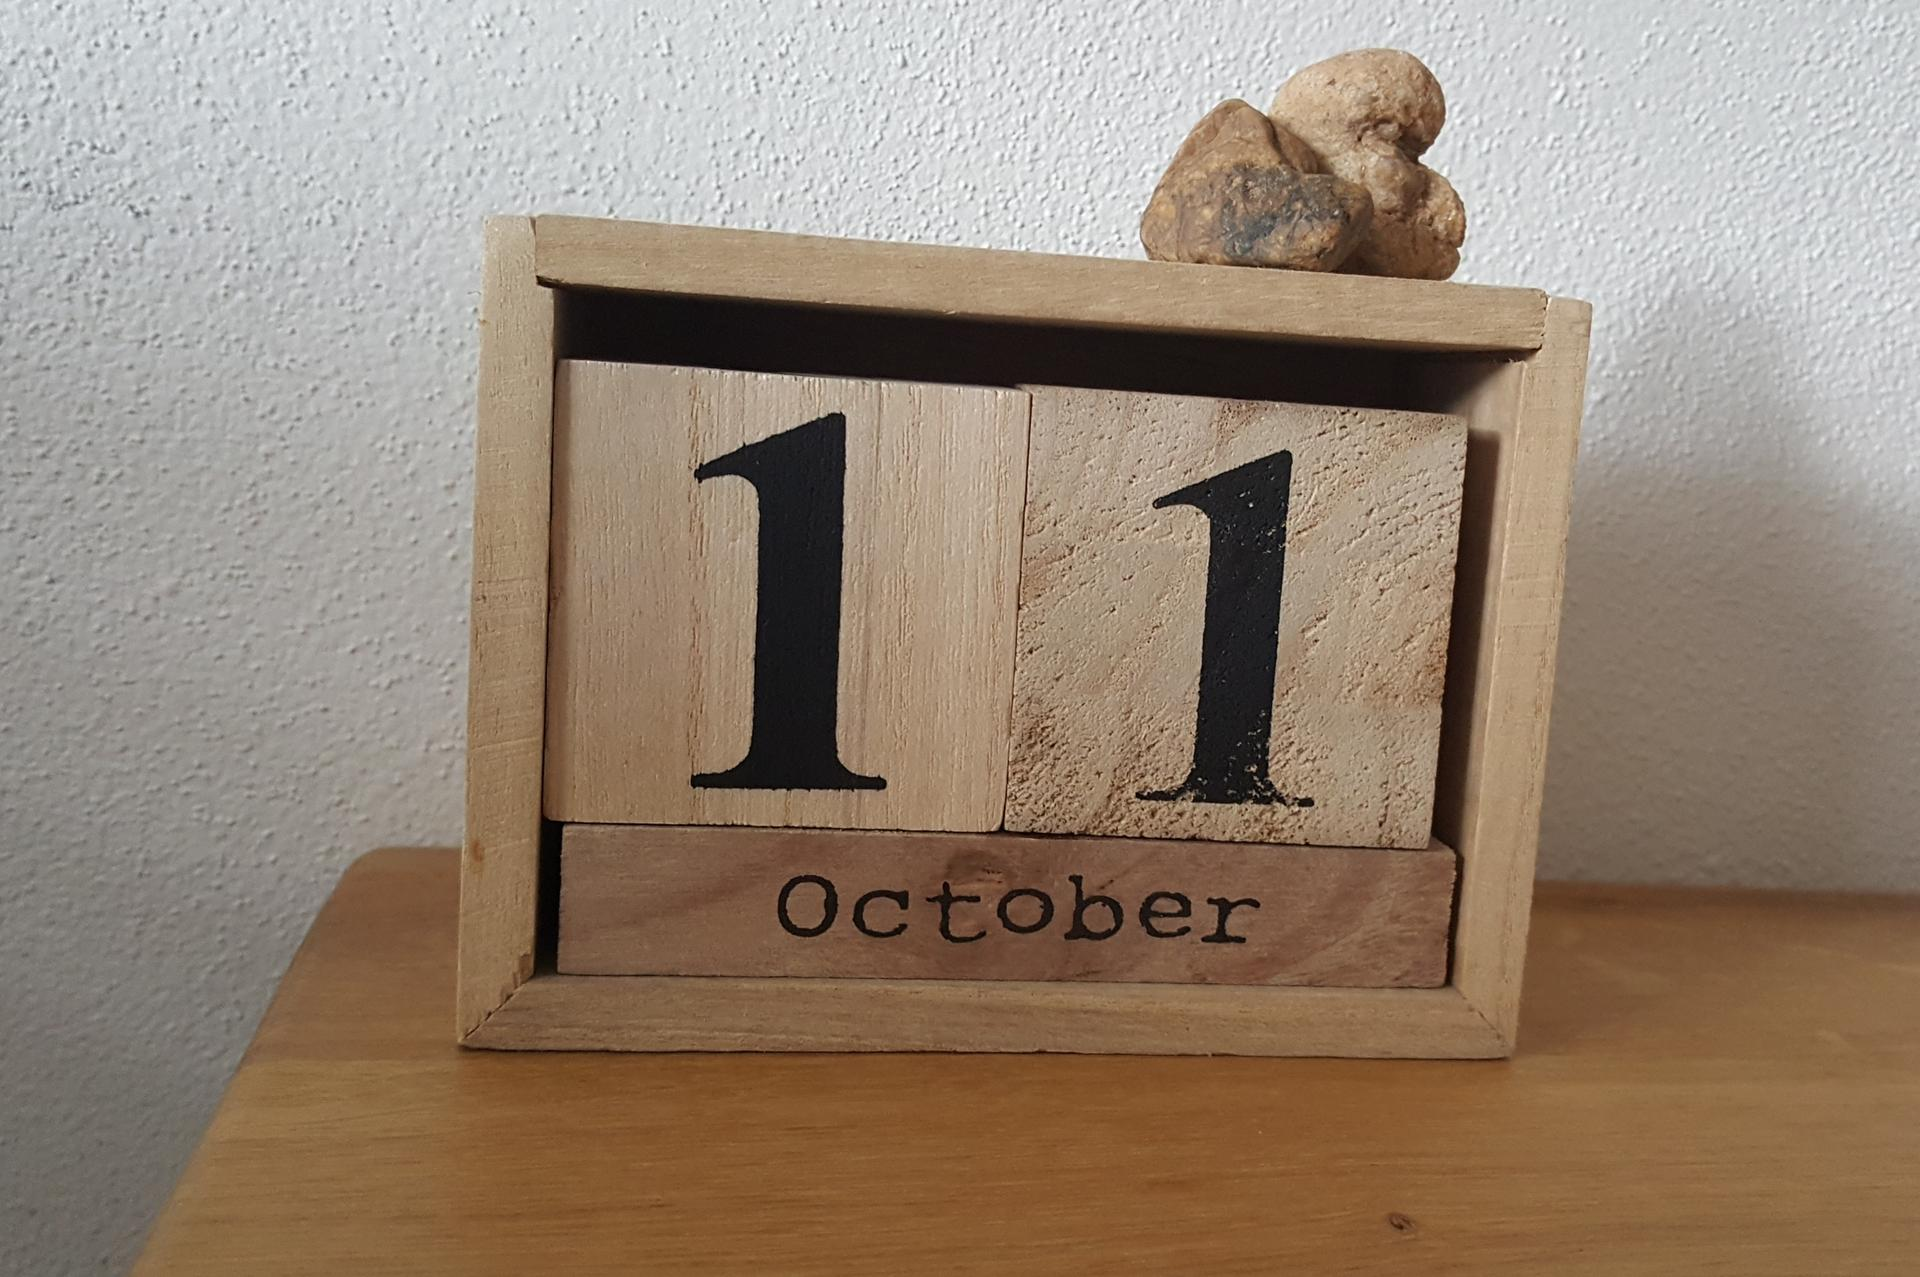 11.10.2020 / 11.10.2017 = před třemi lety jsme poprvé navštívili náš dům (v té době plesnivou kůču..). Mám tenhle datum ráda 🤗 - Obrázek č. 1